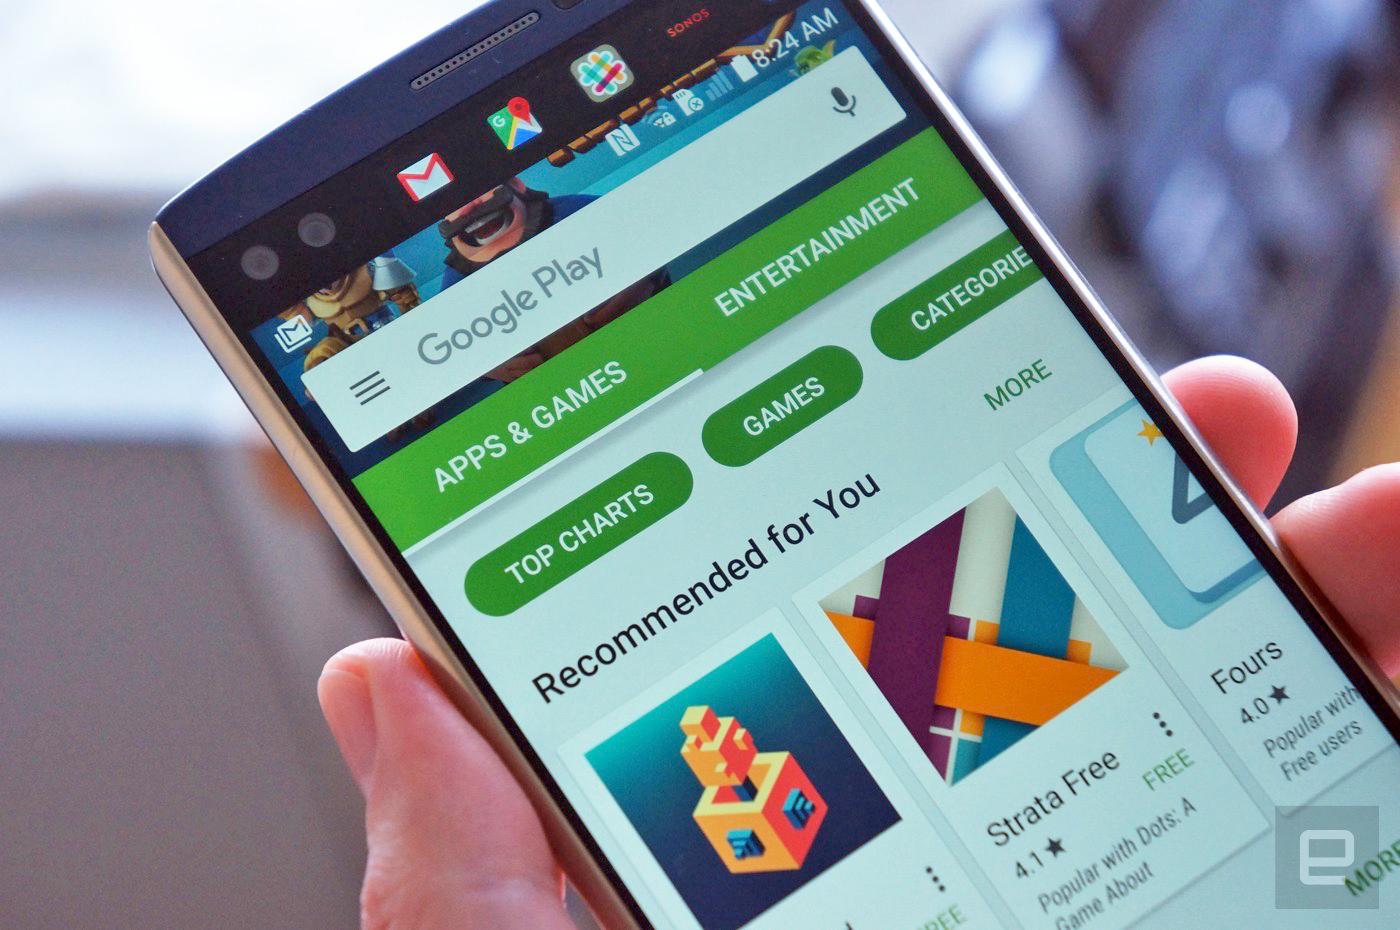 گوگل در حال آزمایش تدابیر جدید امنیتی جهت جلوگیری از تقلب در امتیازدهی به اپلیکیشنهاست